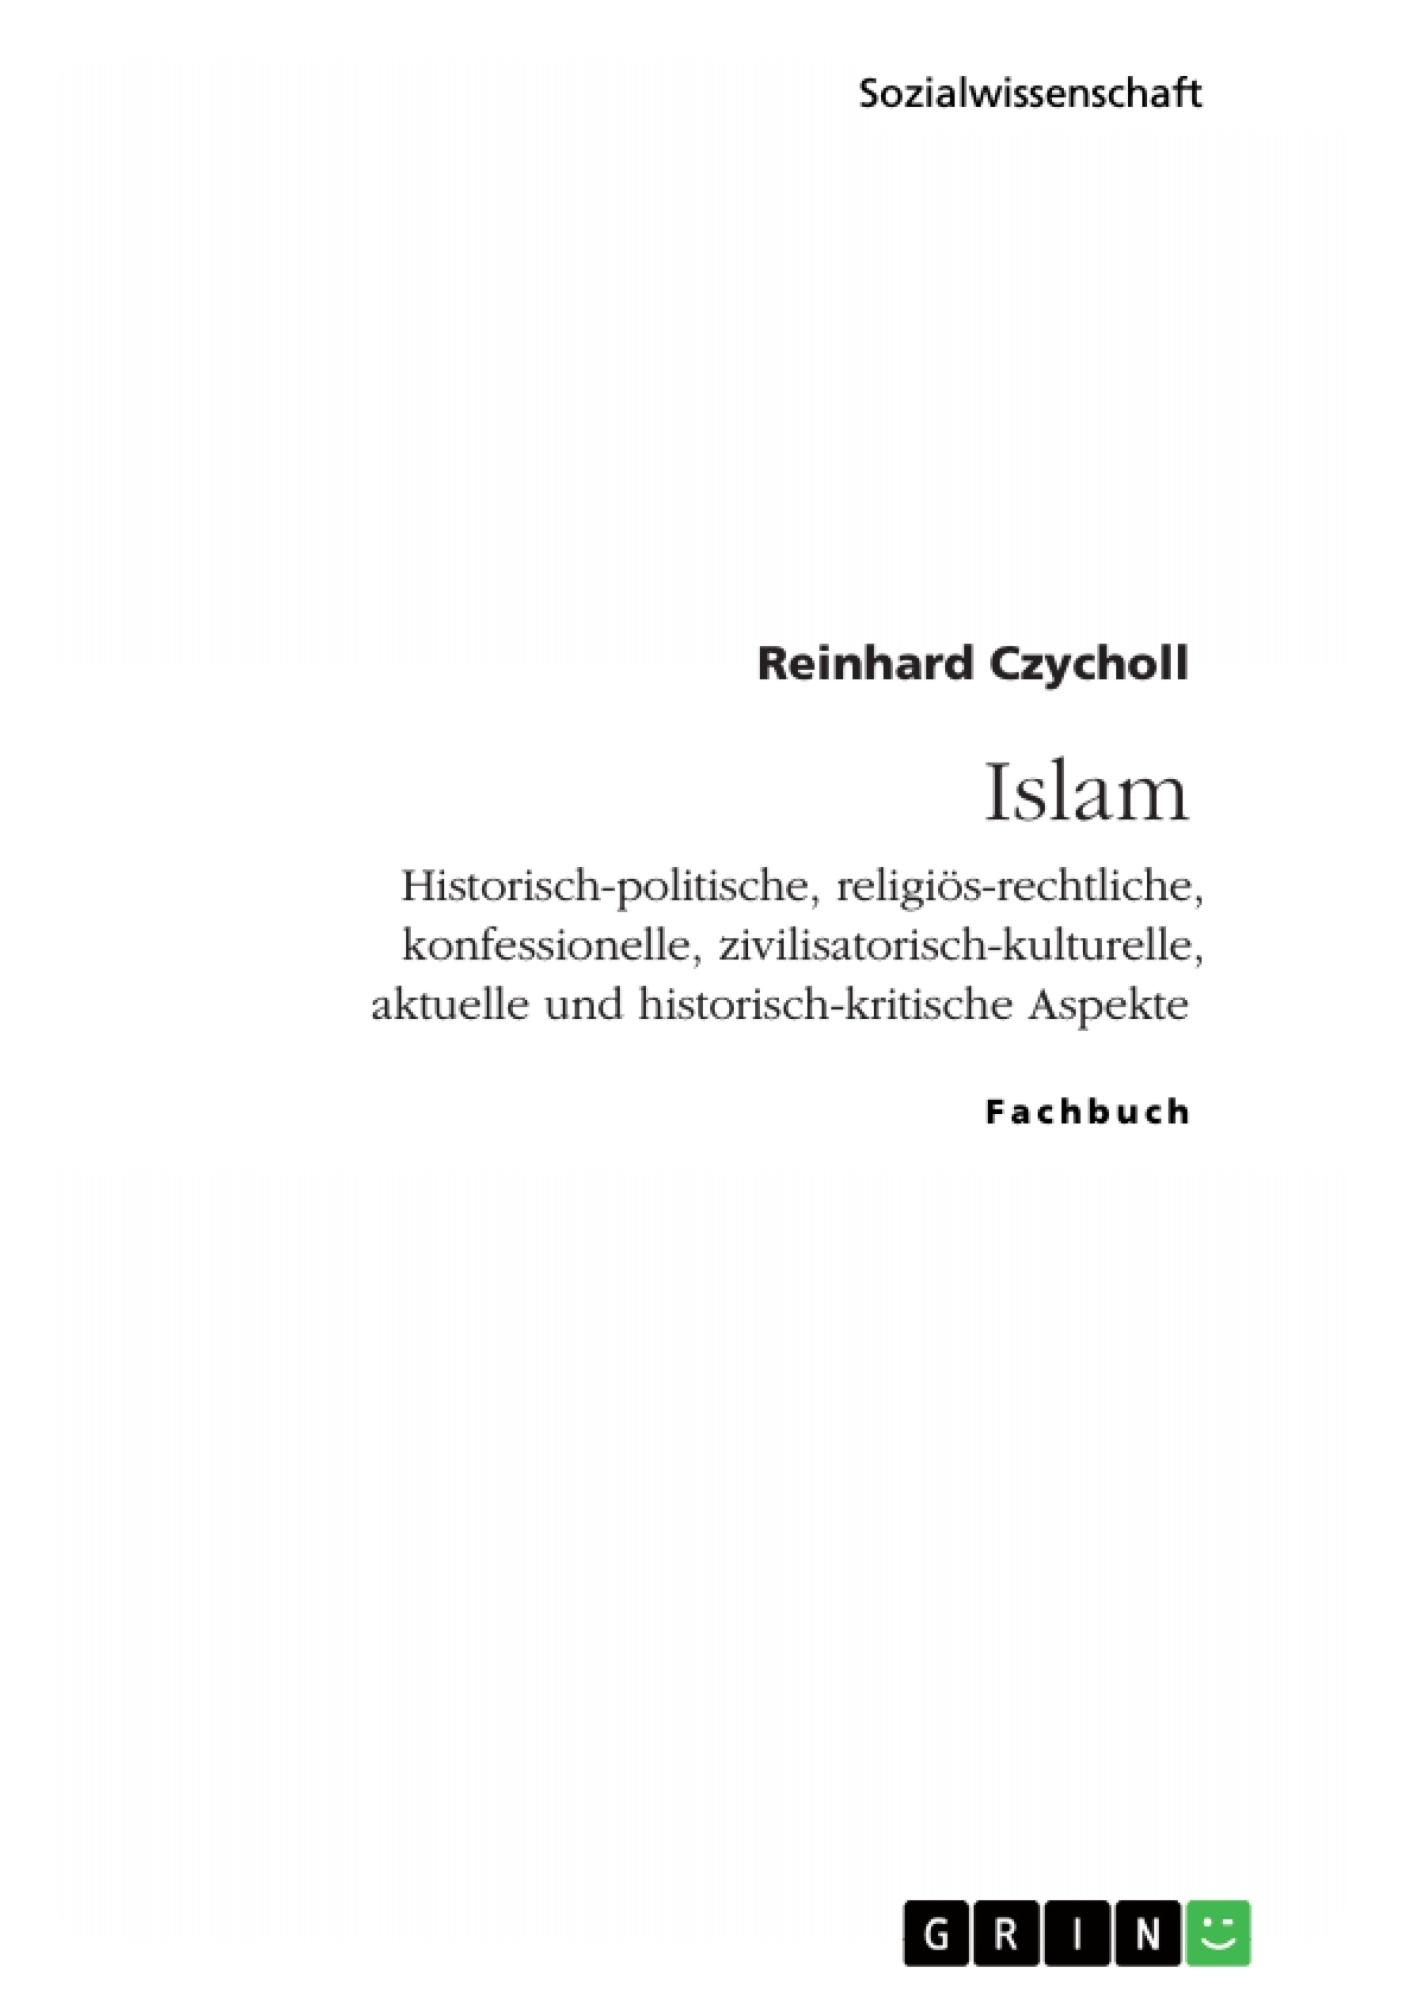 Titel: Islam. Historisch-politische, religiös-rechtliche, konfessionelle, zivilisatorisch-kulturelle, aktuelle und historisch-kritische Aspekte